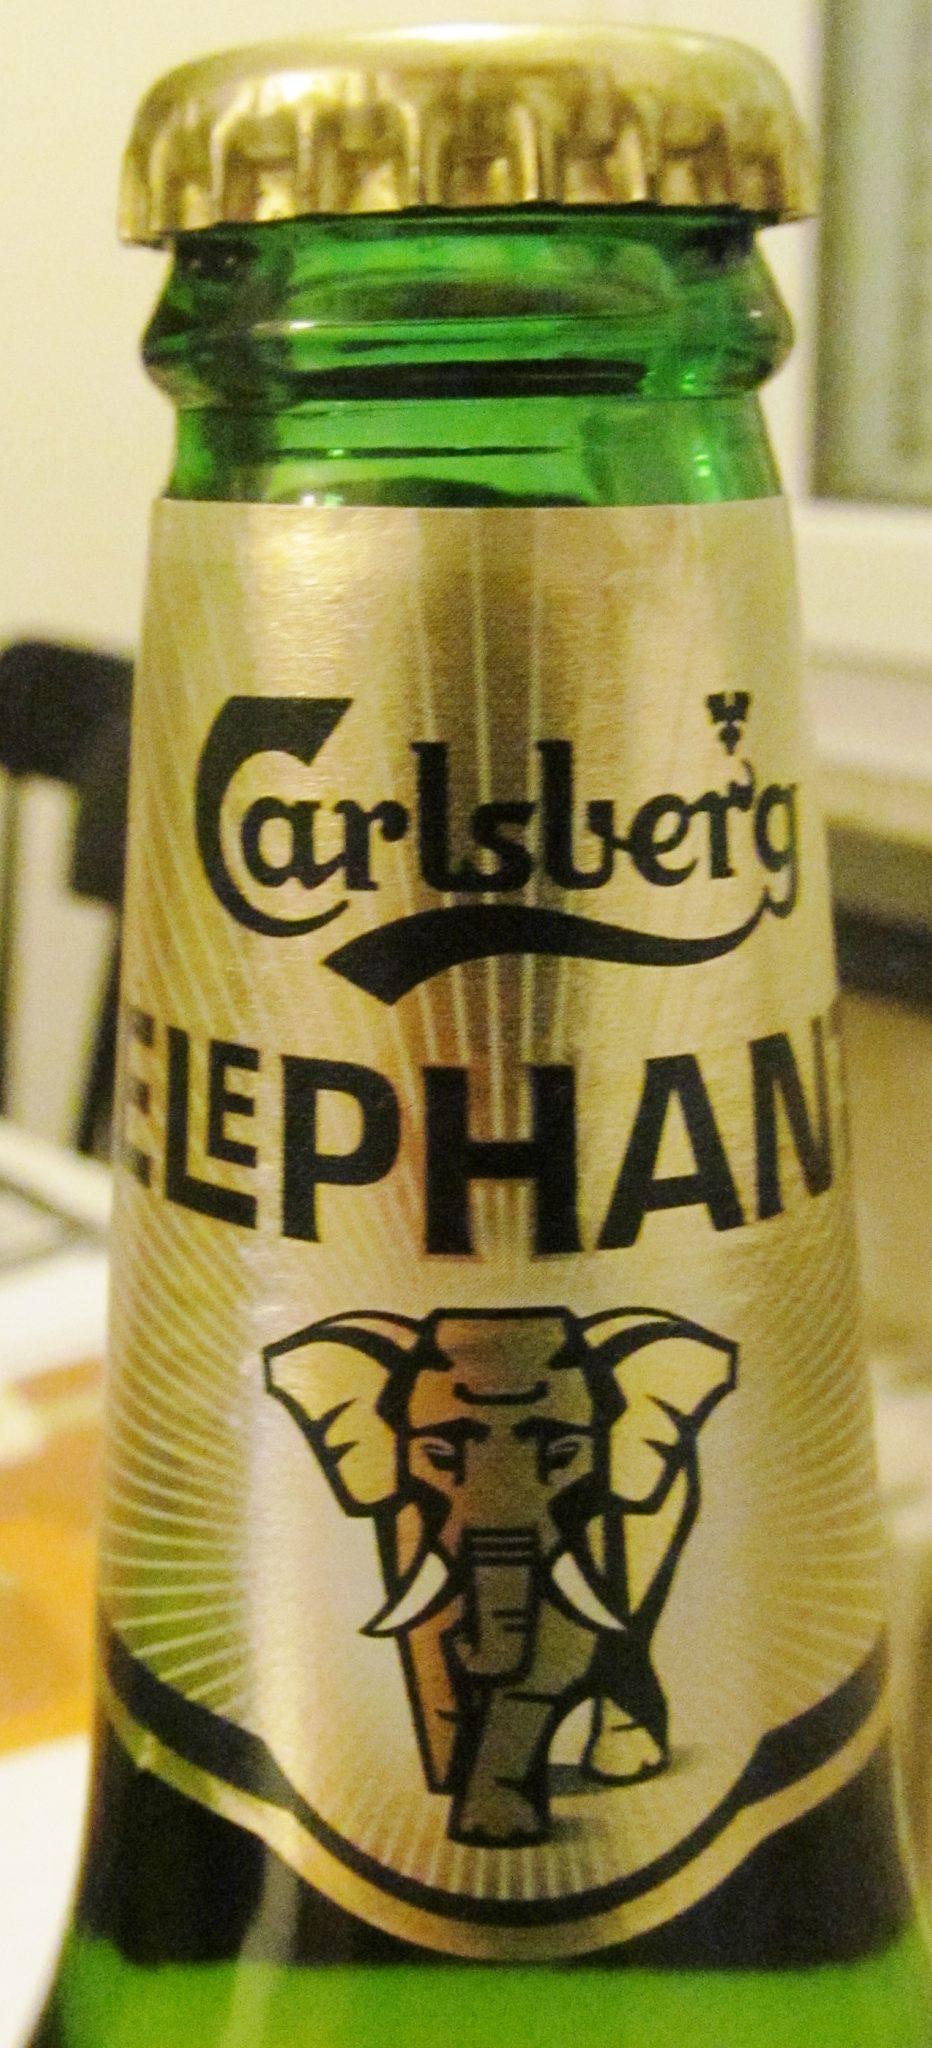 Carlsberg Elephant Beer, The Elephant Gate, Copenhagen, Denmark, Danish beer